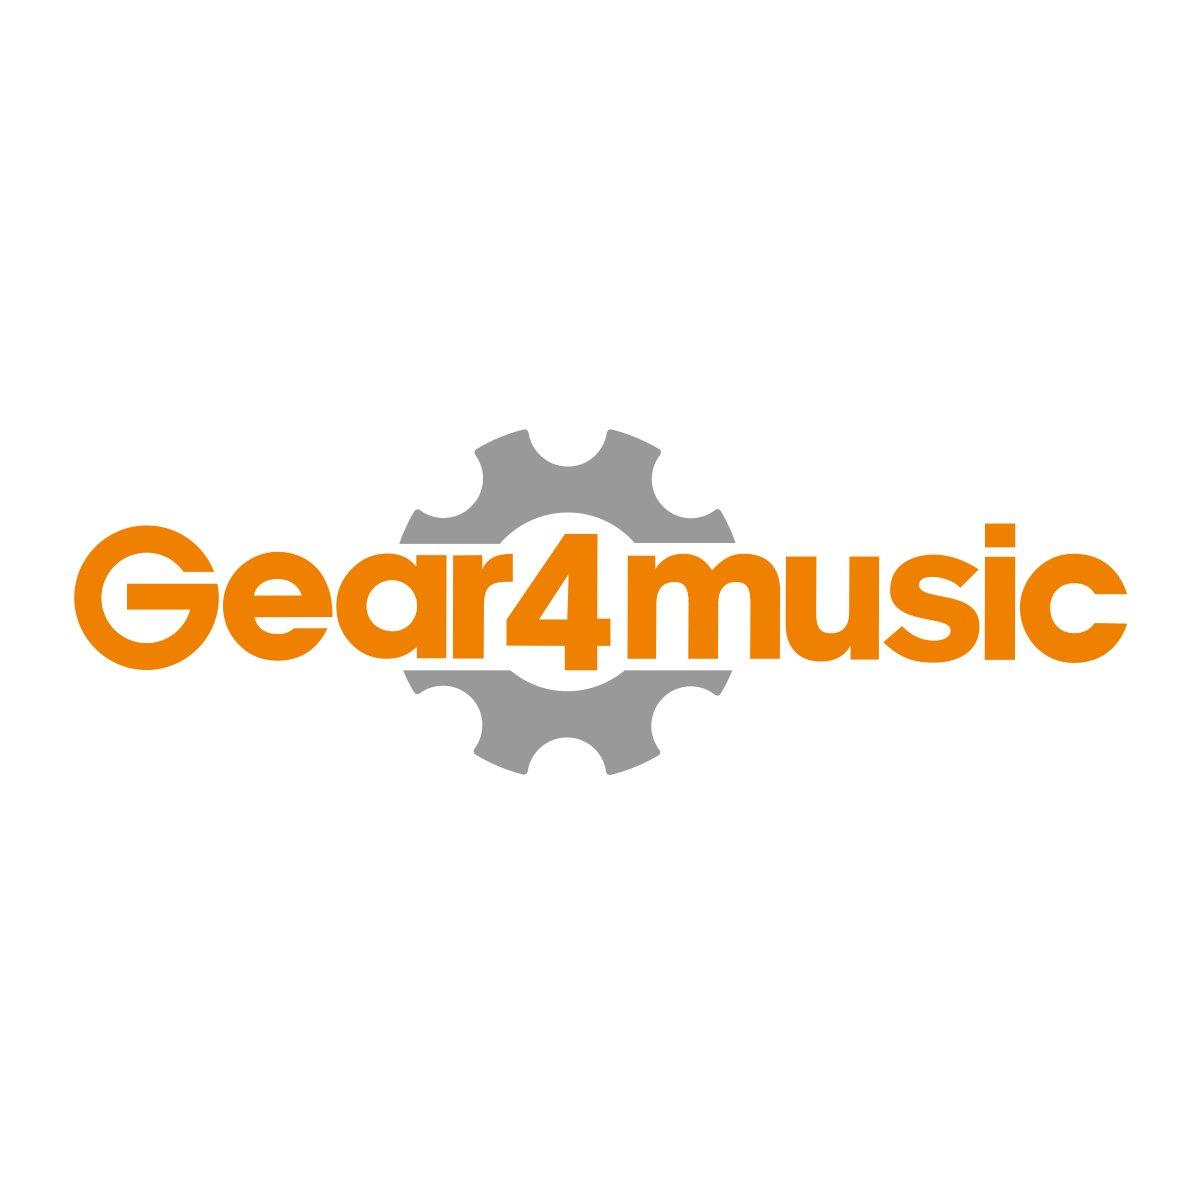 Mk 2000 Bærbart Keyboard Med 54 Tangenter Fra Gear4music Gear4music